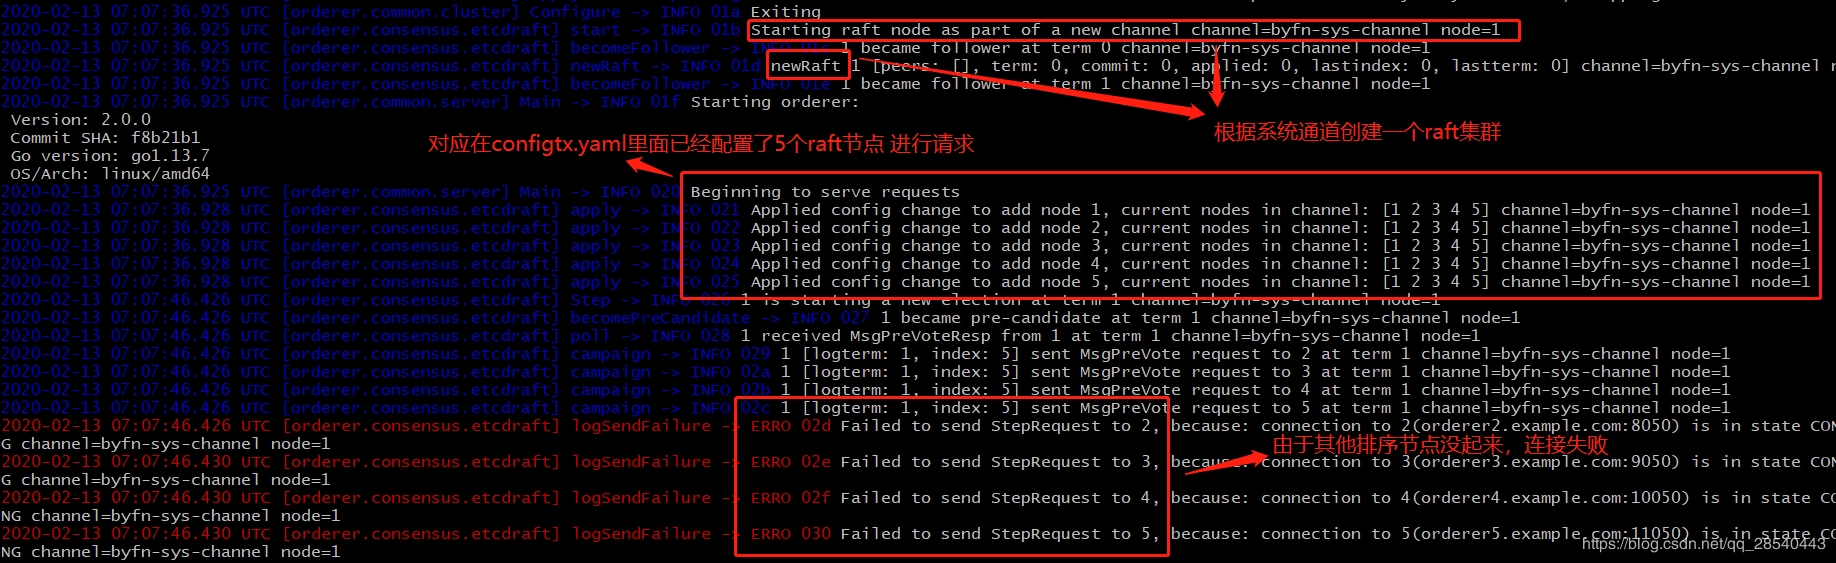 Fabric2.0启动网络脚本配置剖析